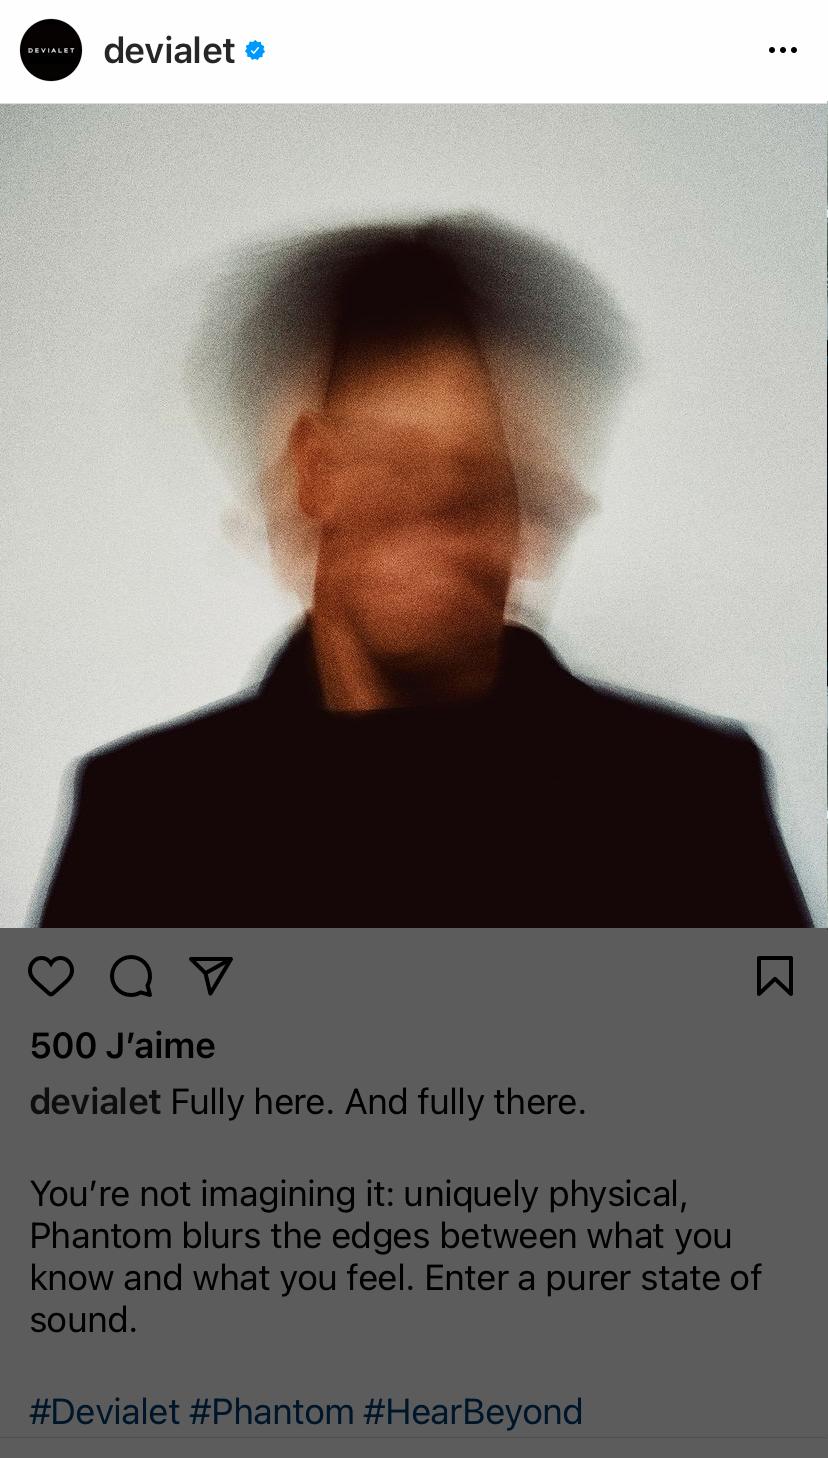 mise-en-situ-instagram-devialet-1